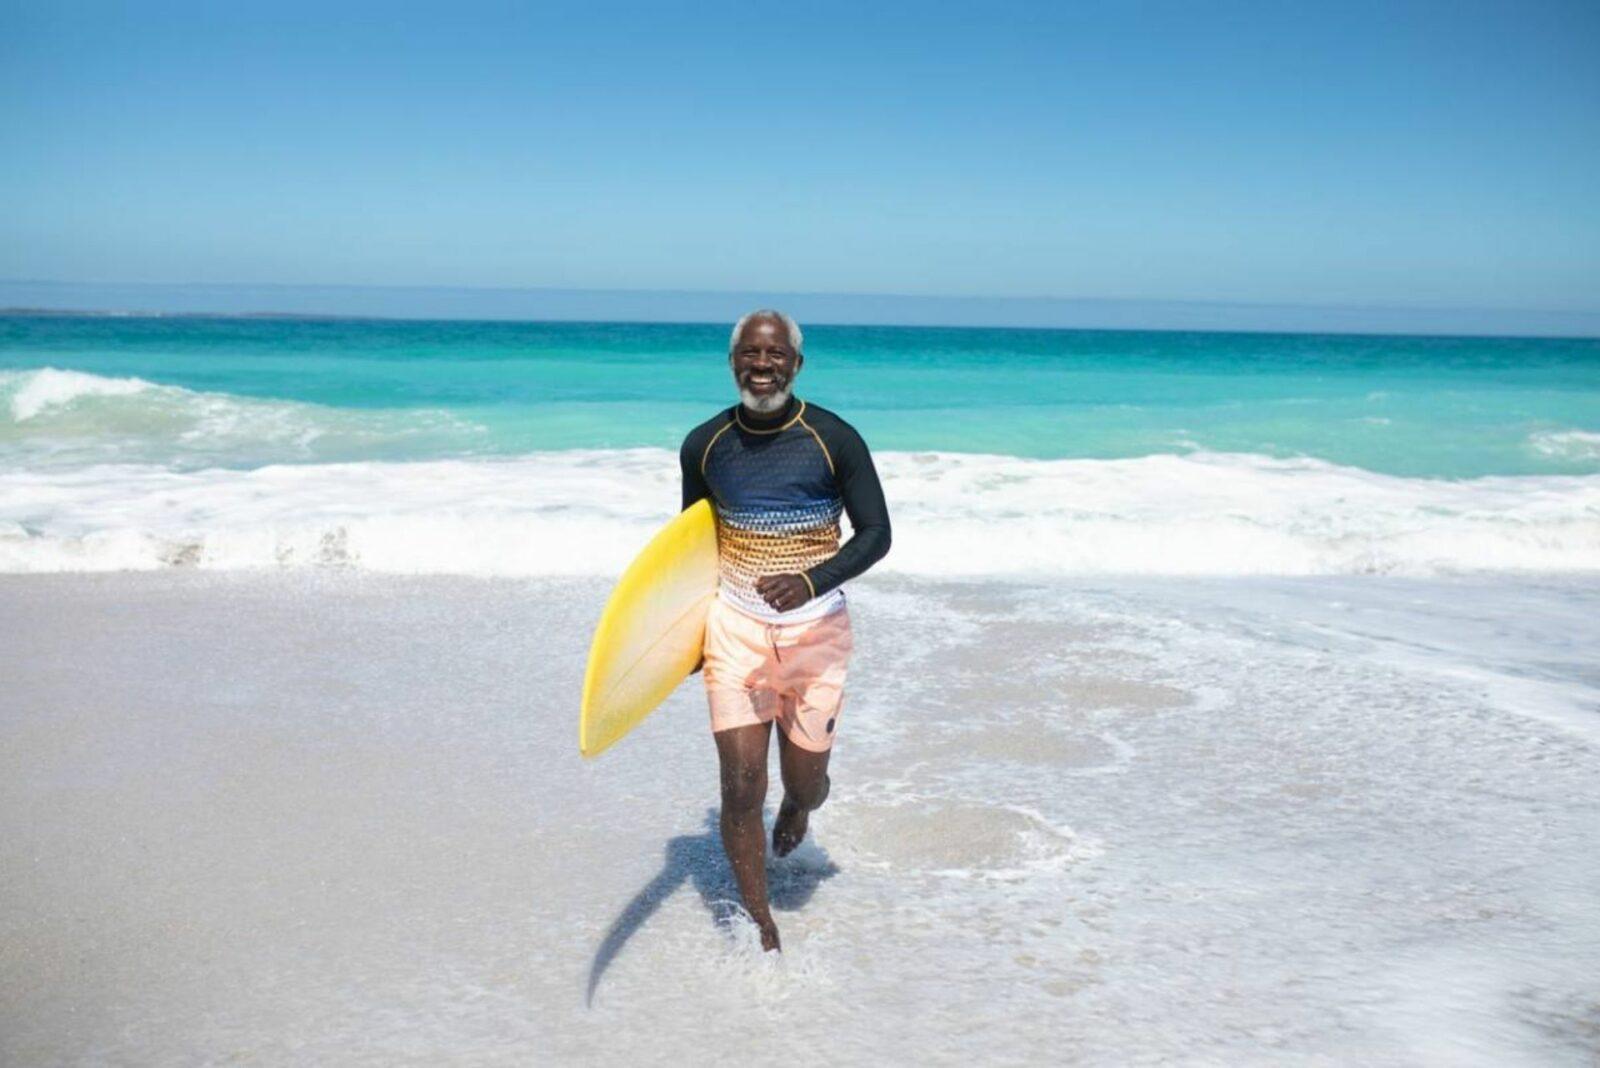 Surf : zoom sur la mode écologique